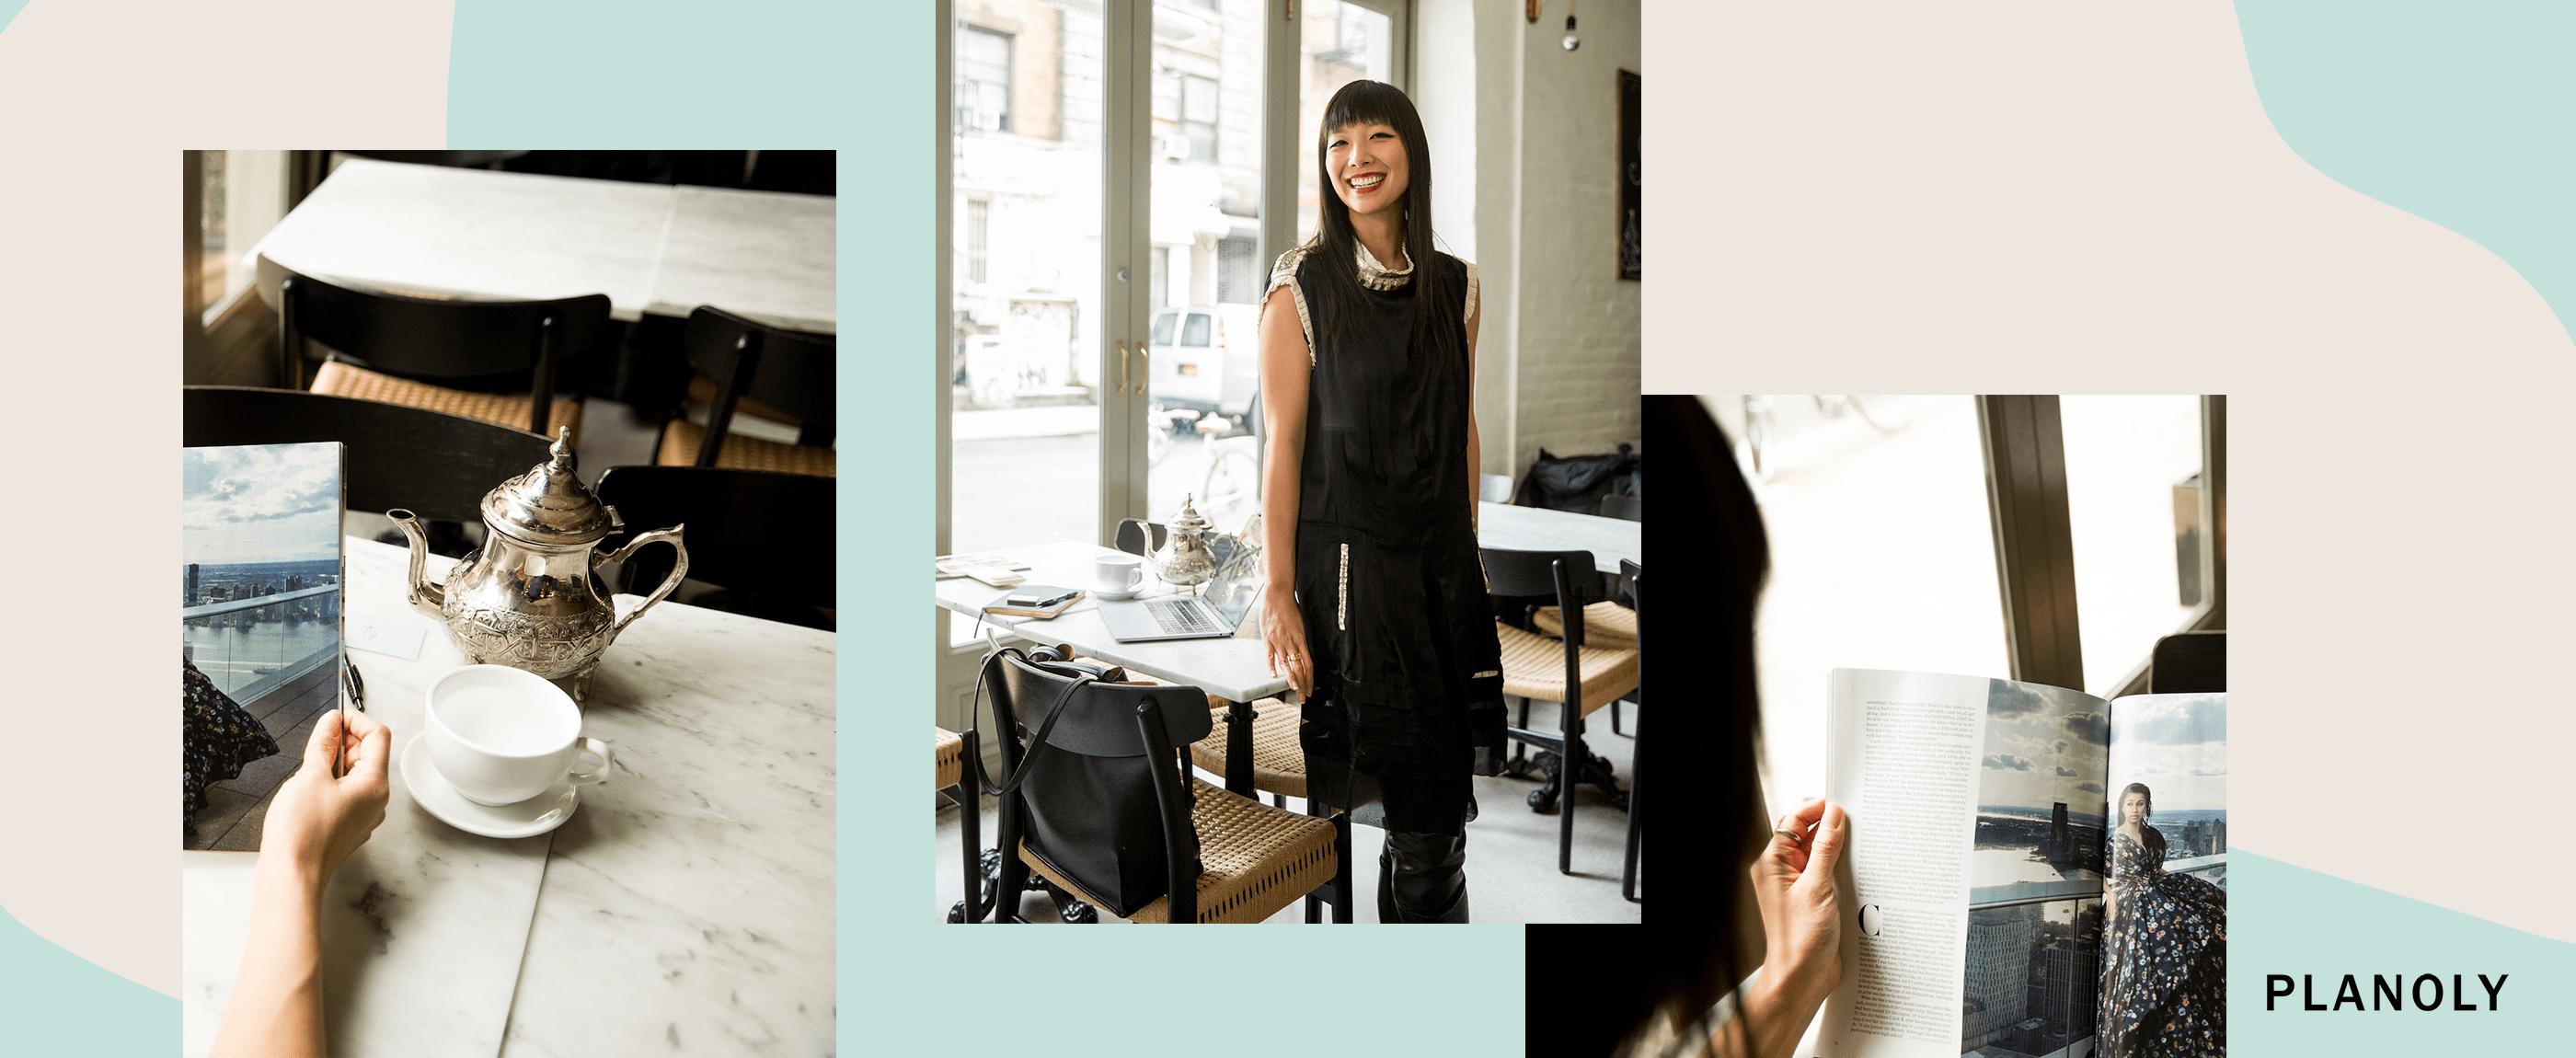 Planoleaders: Lucie Zhang of Vogue